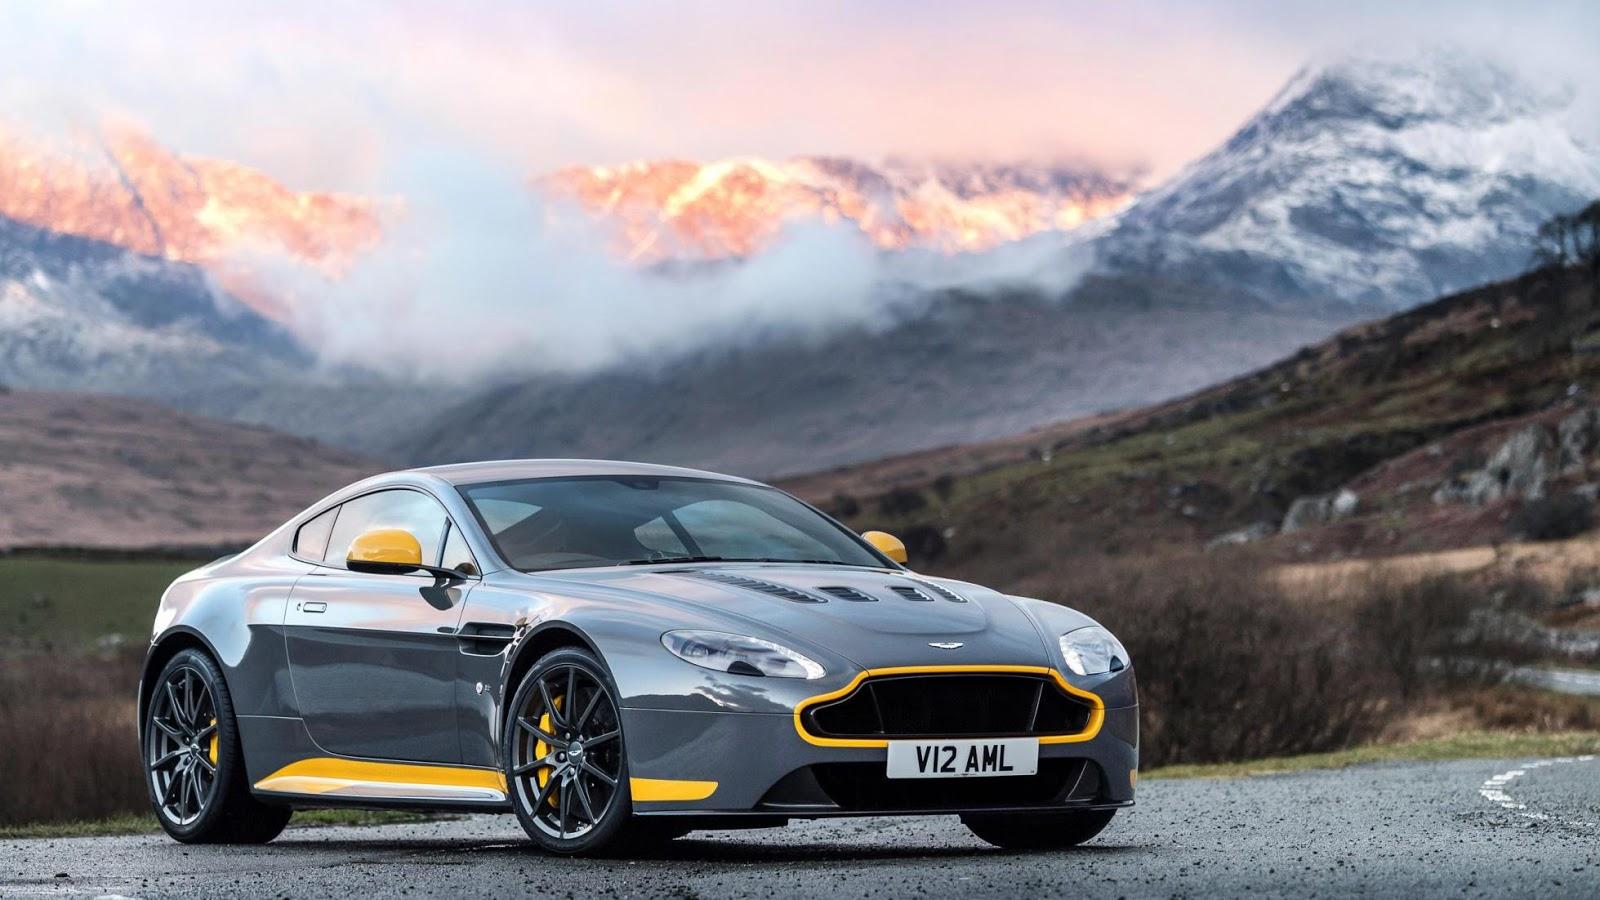 Aston Martin V12 Vantage S là một siêu xe hiện đang sử dụng số sàn